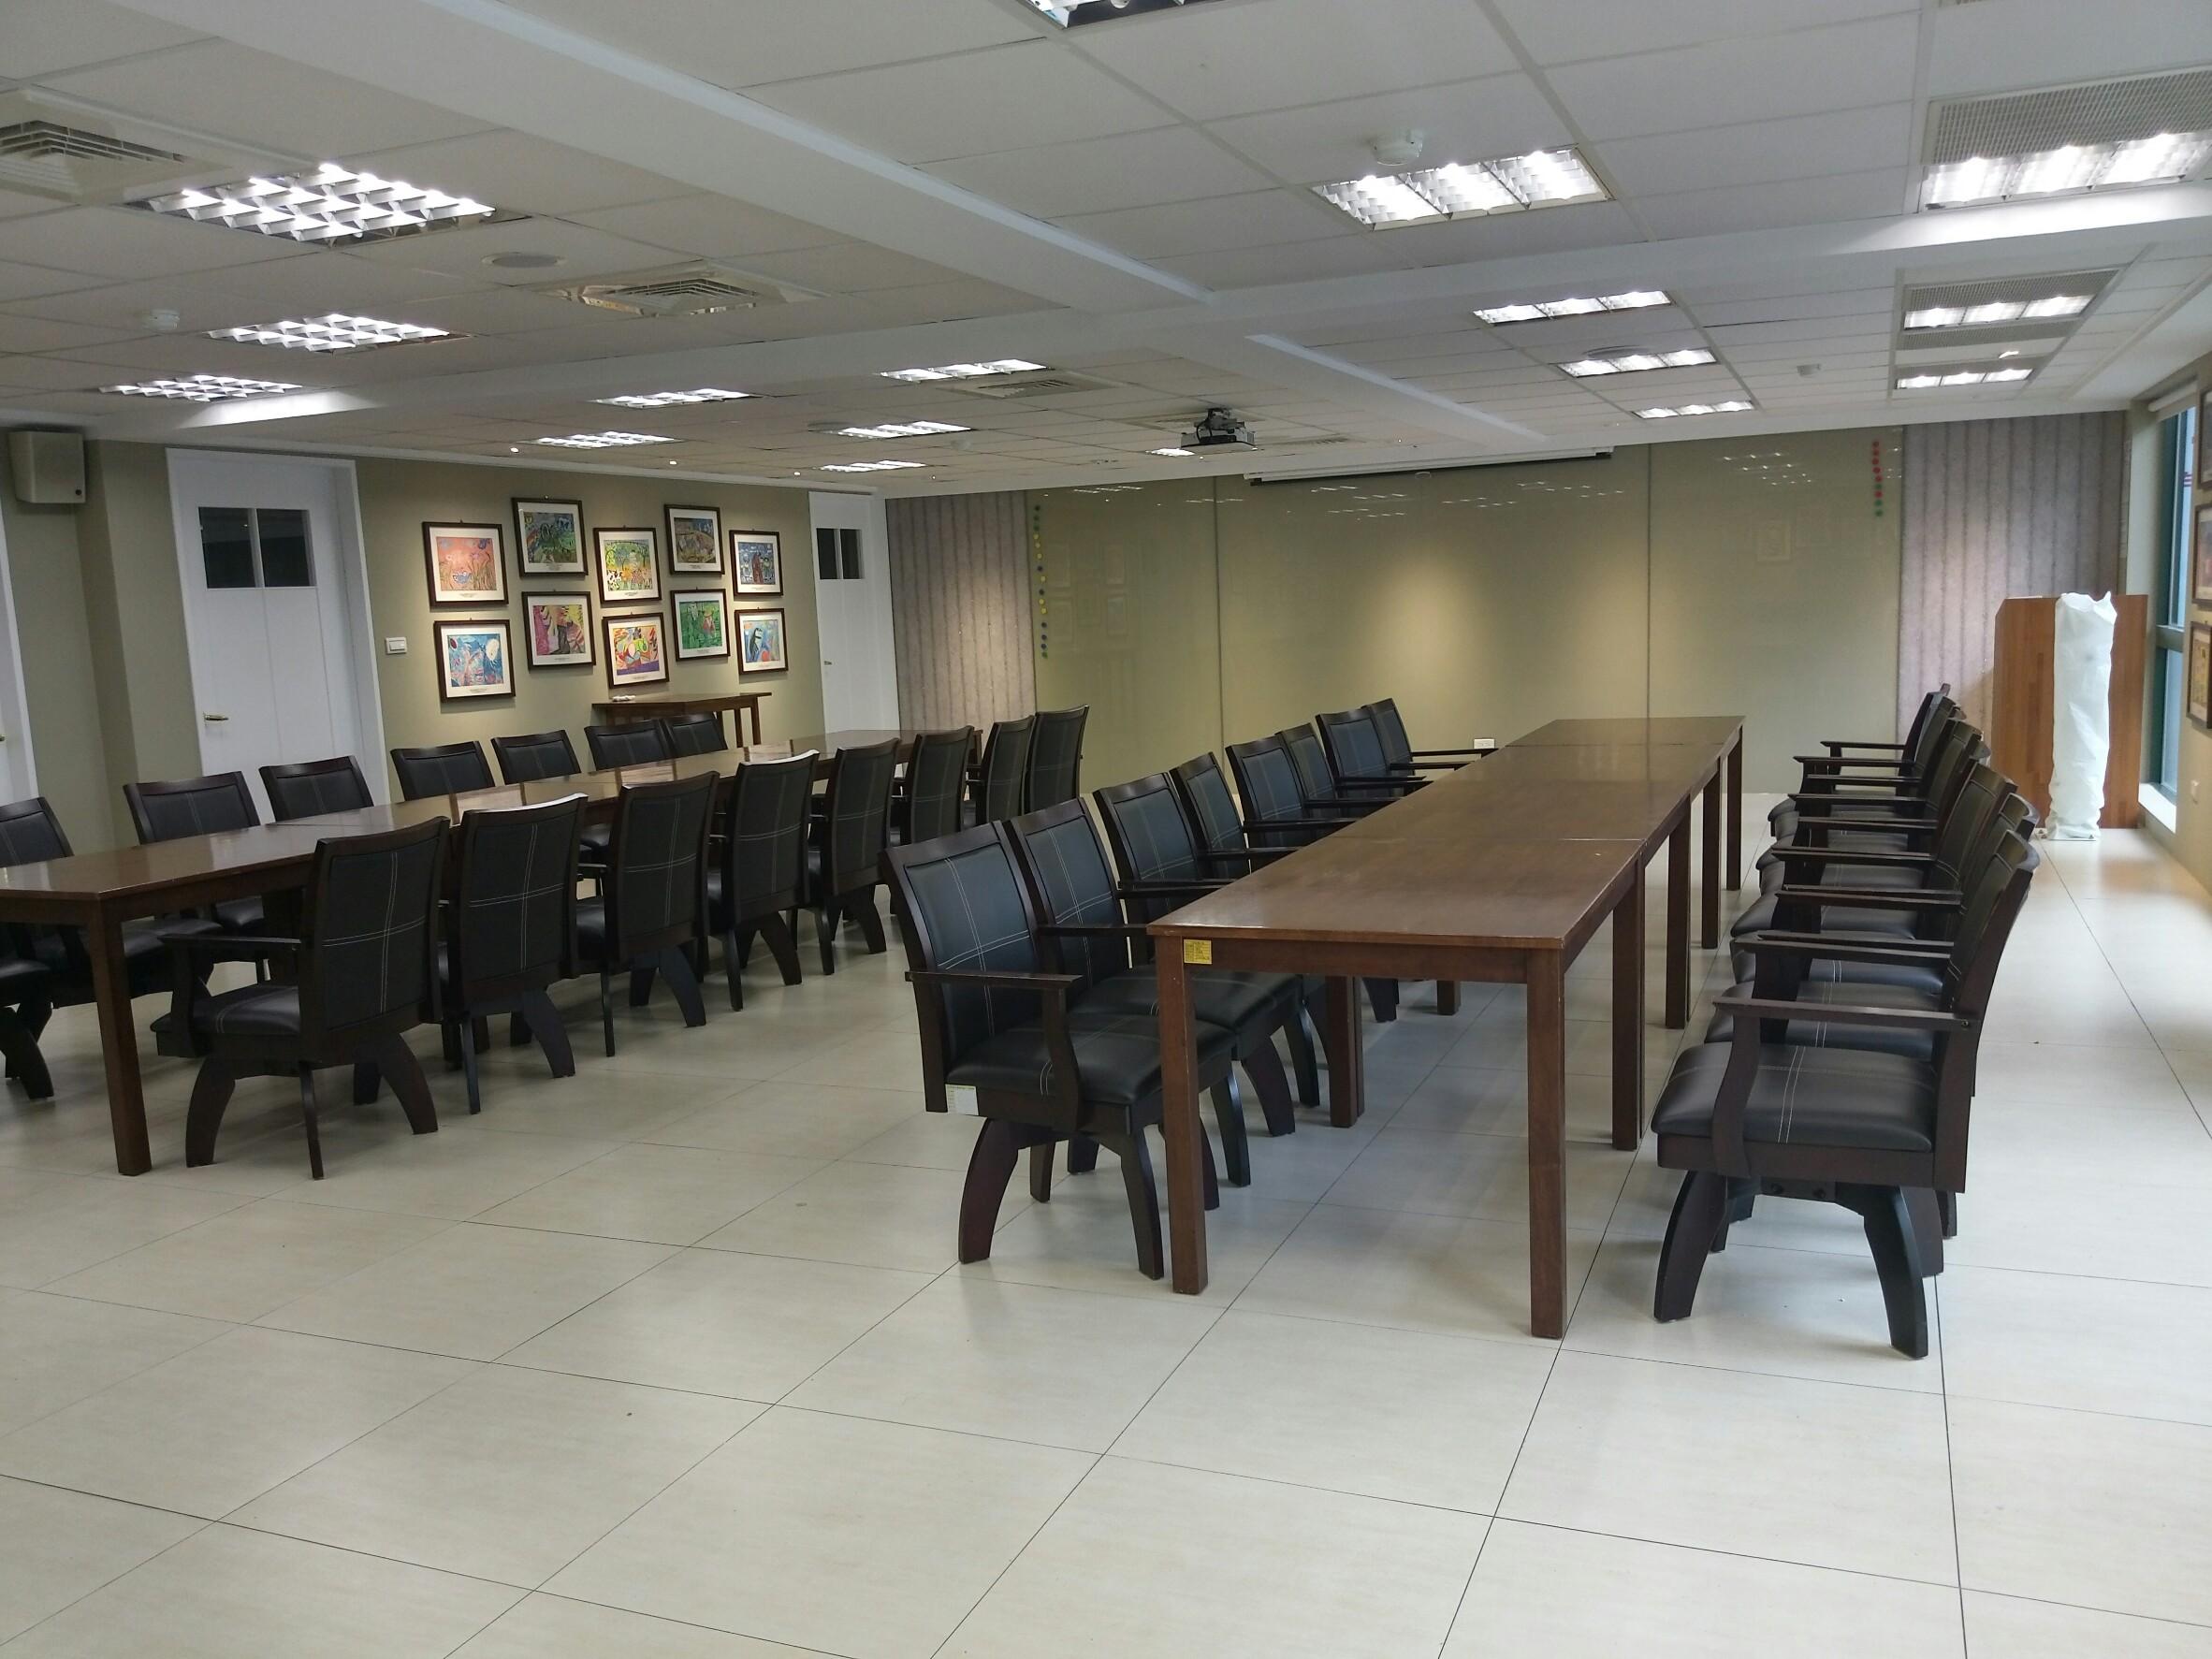 忠孝庇護工場場地租借-2樓會議室 代表圖